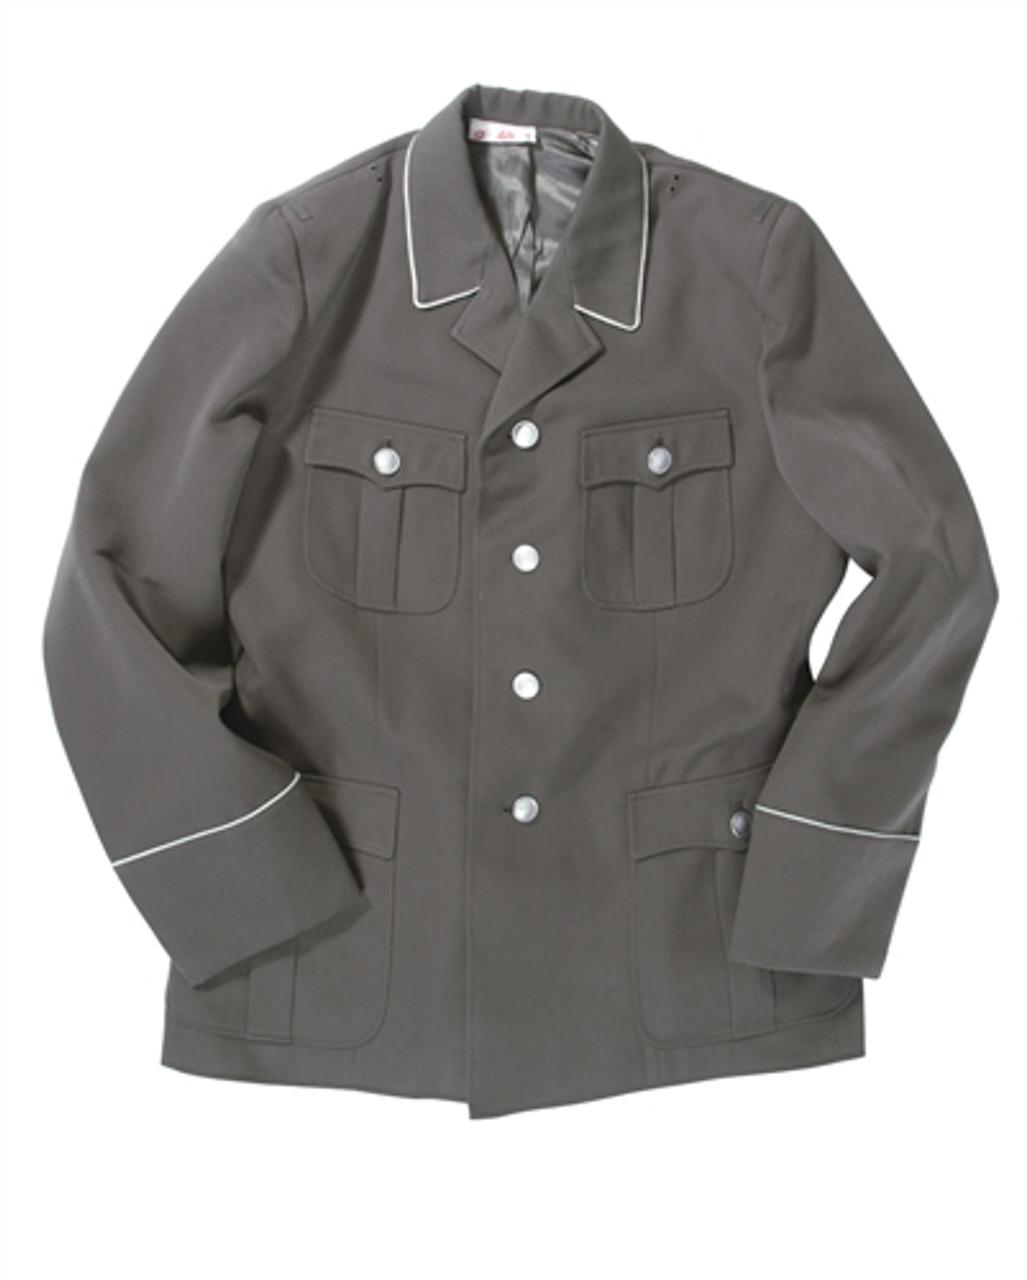 East German Army Uniform Jacket from Hessen Surplus